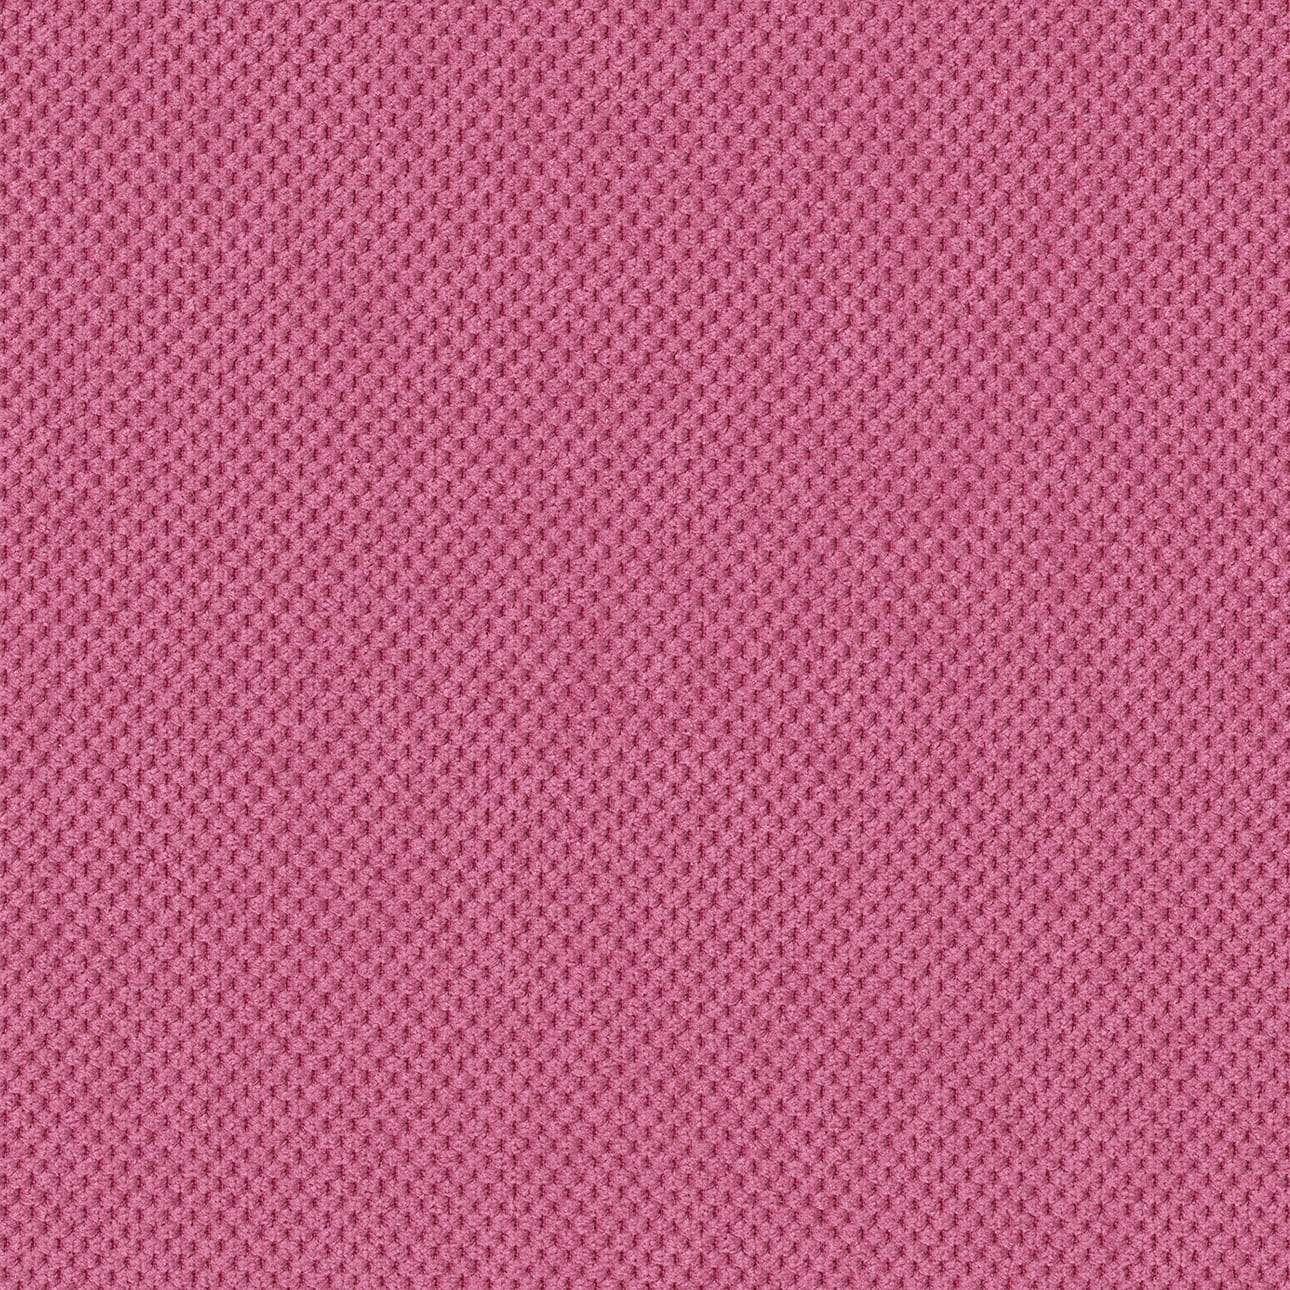 Pokrowiec na sofę Beddinge krótki w kolekcji Living, tkanina: 160-13